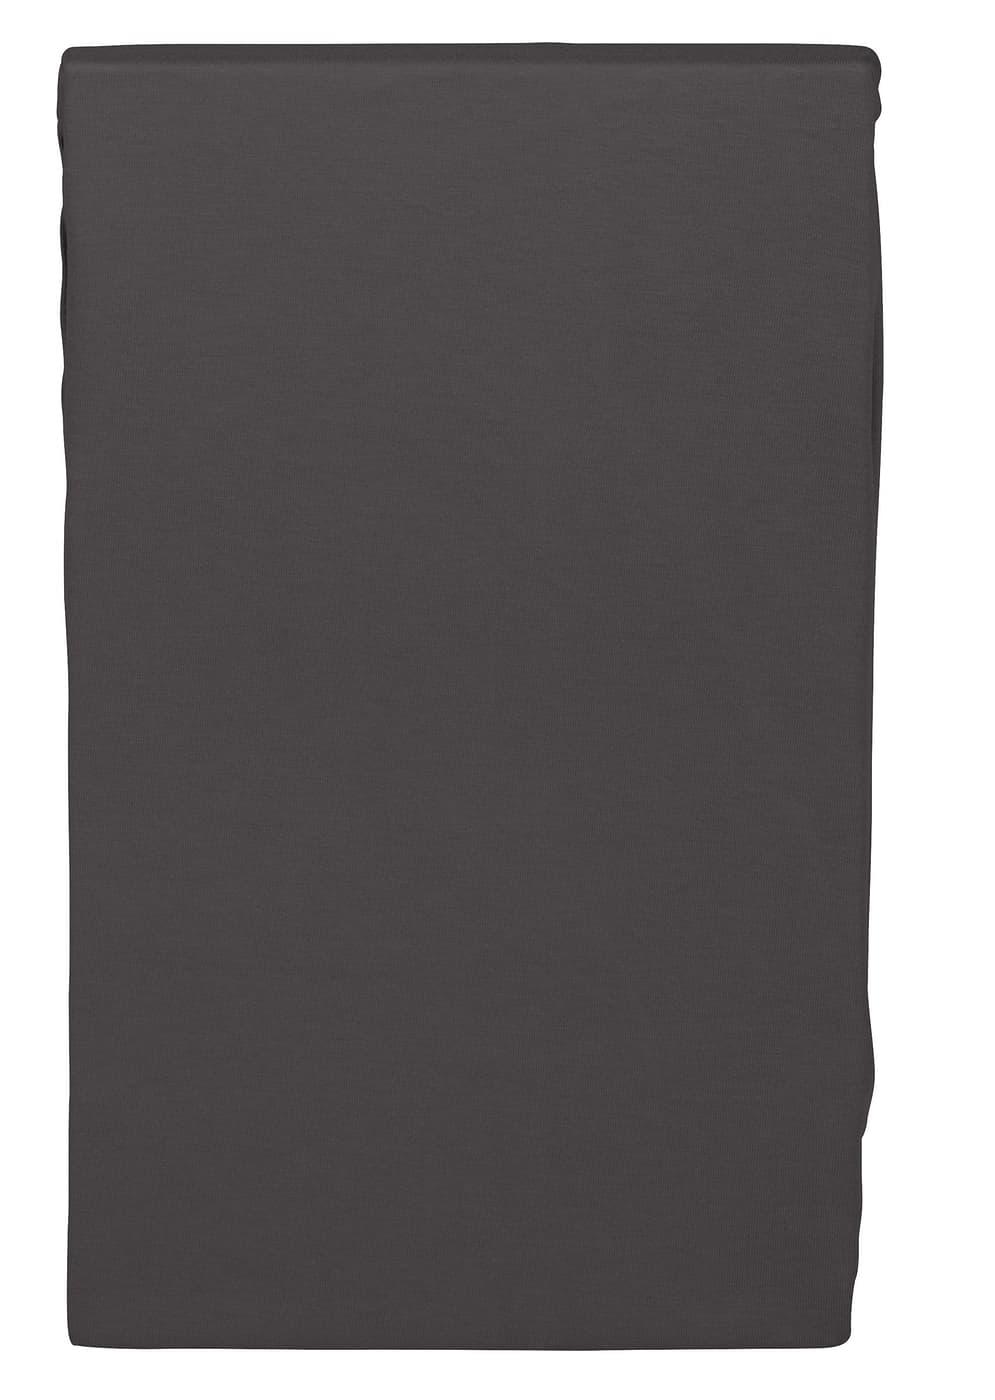 stretch drap housse en jersey evan migros. Black Bedroom Furniture Sets. Home Design Ideas